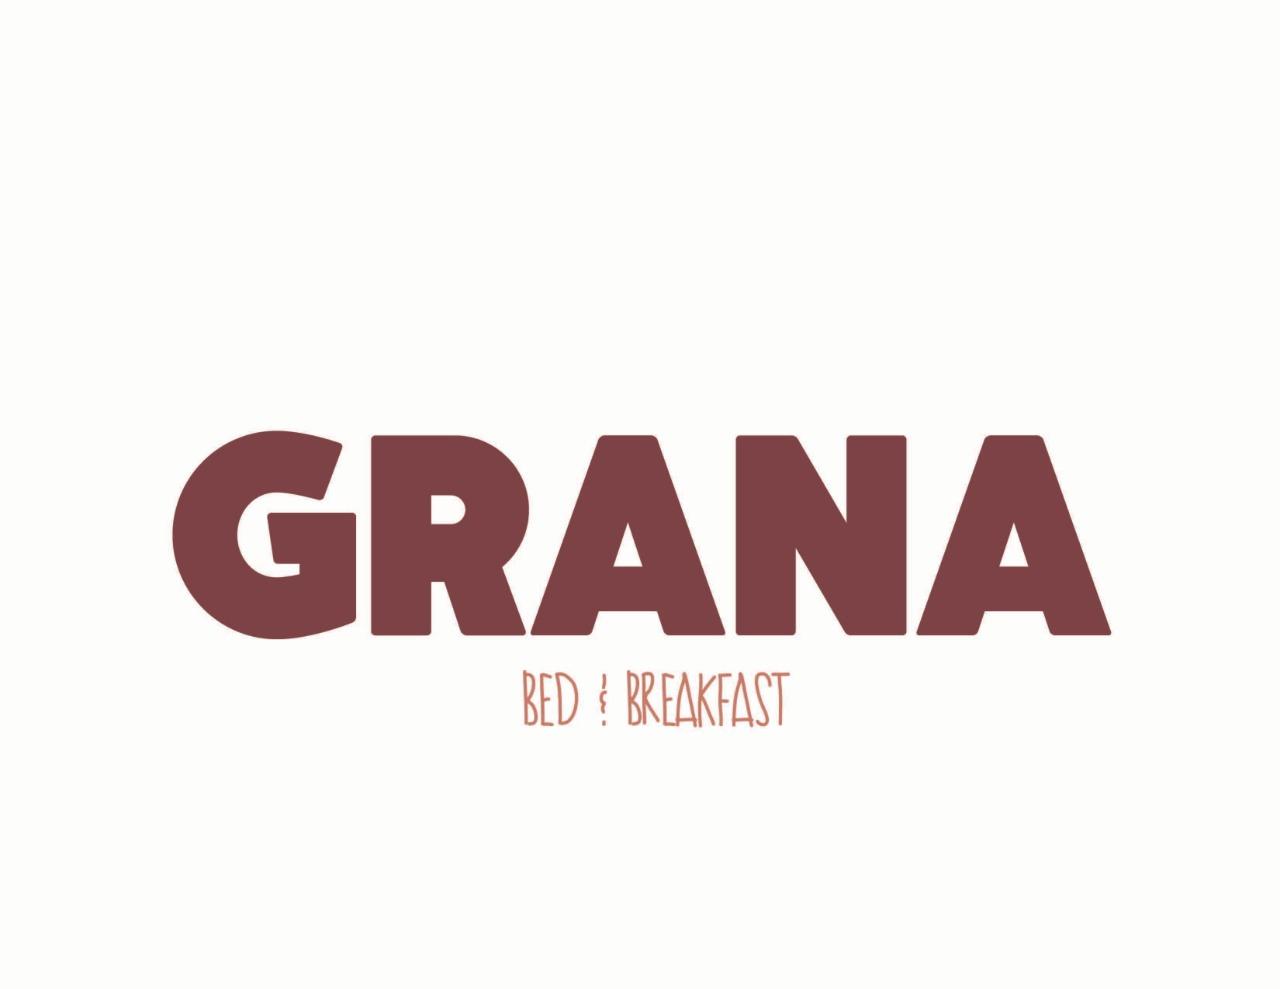 GRANA B&B